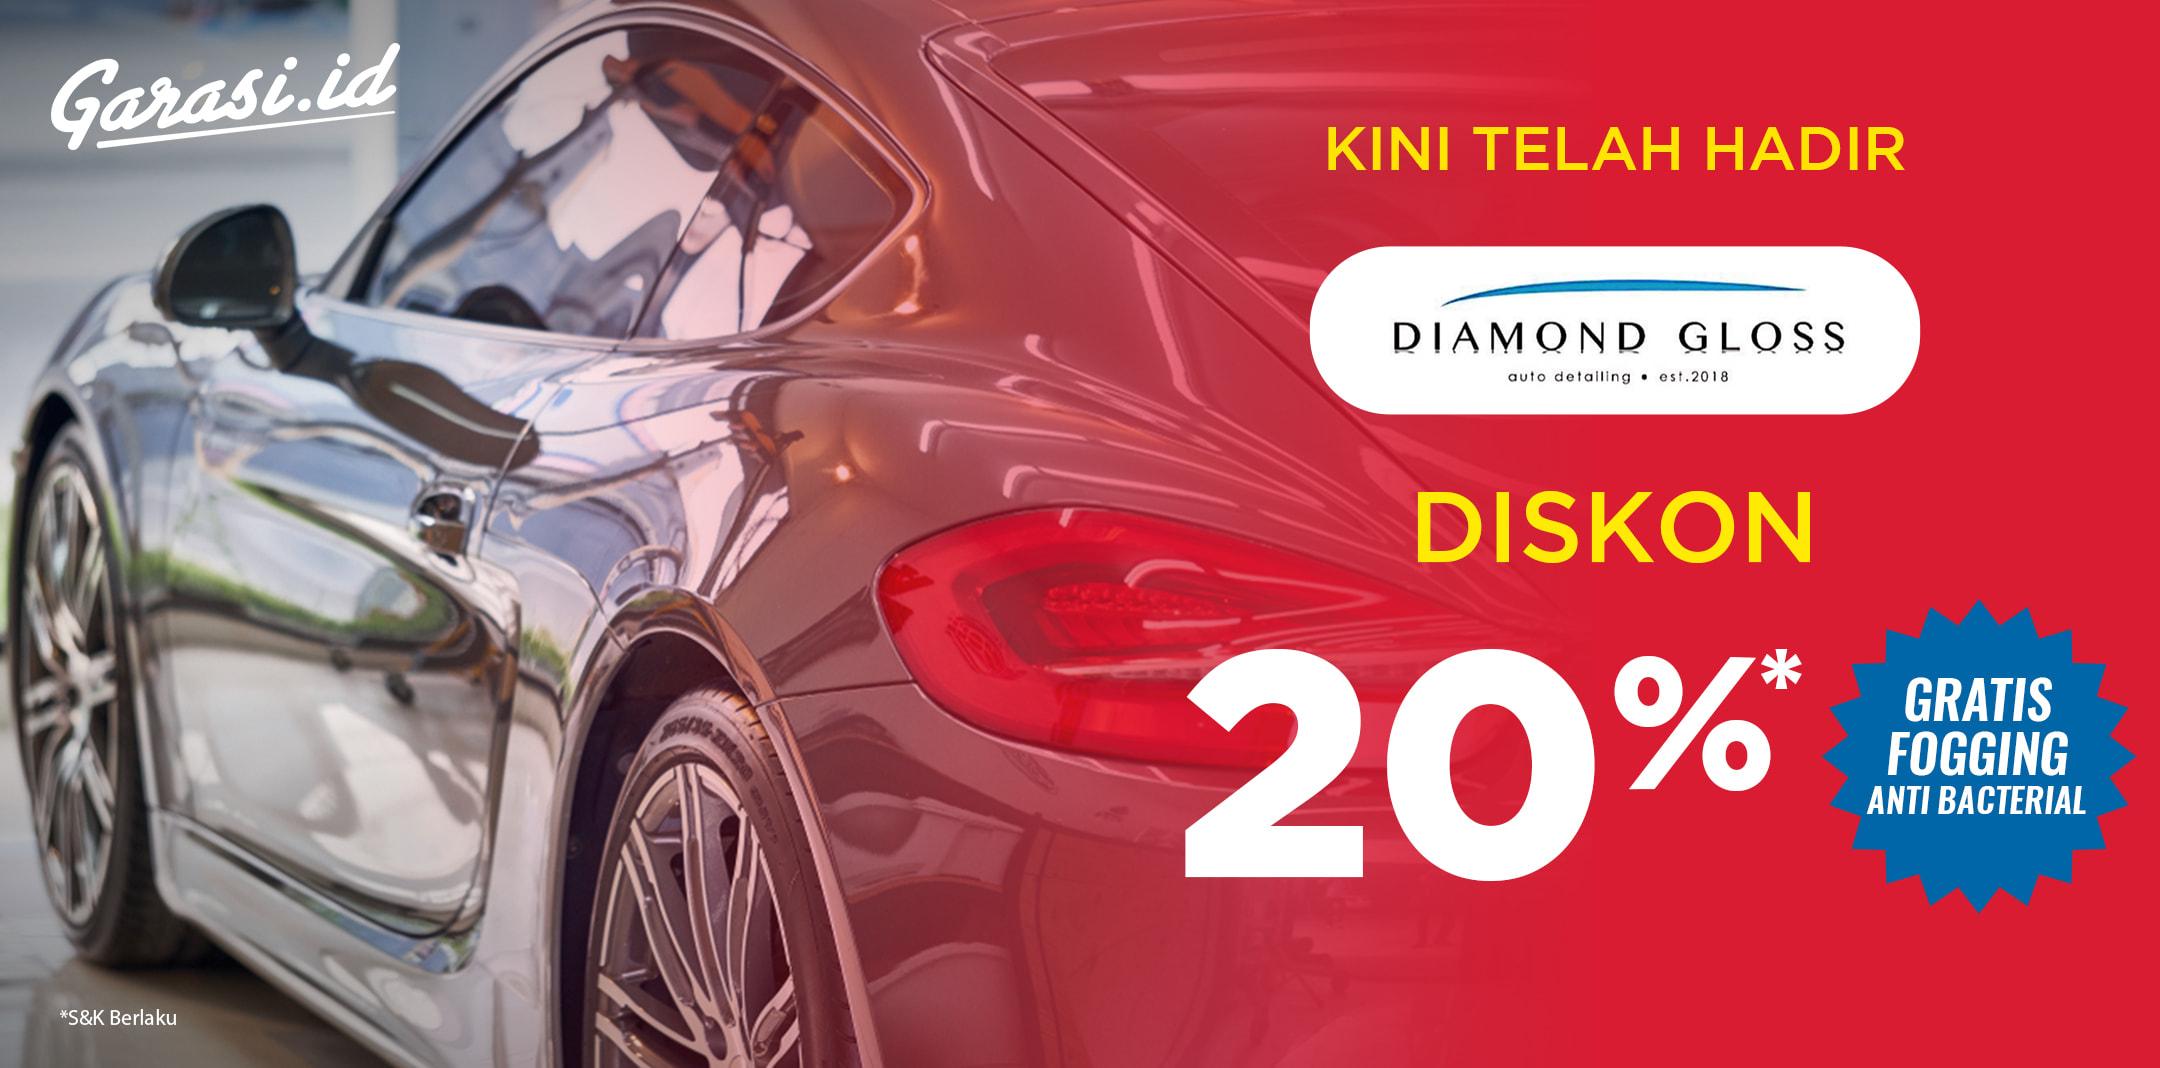 Diskon 20% + Free Car Fogging Anti Bacterial all produk